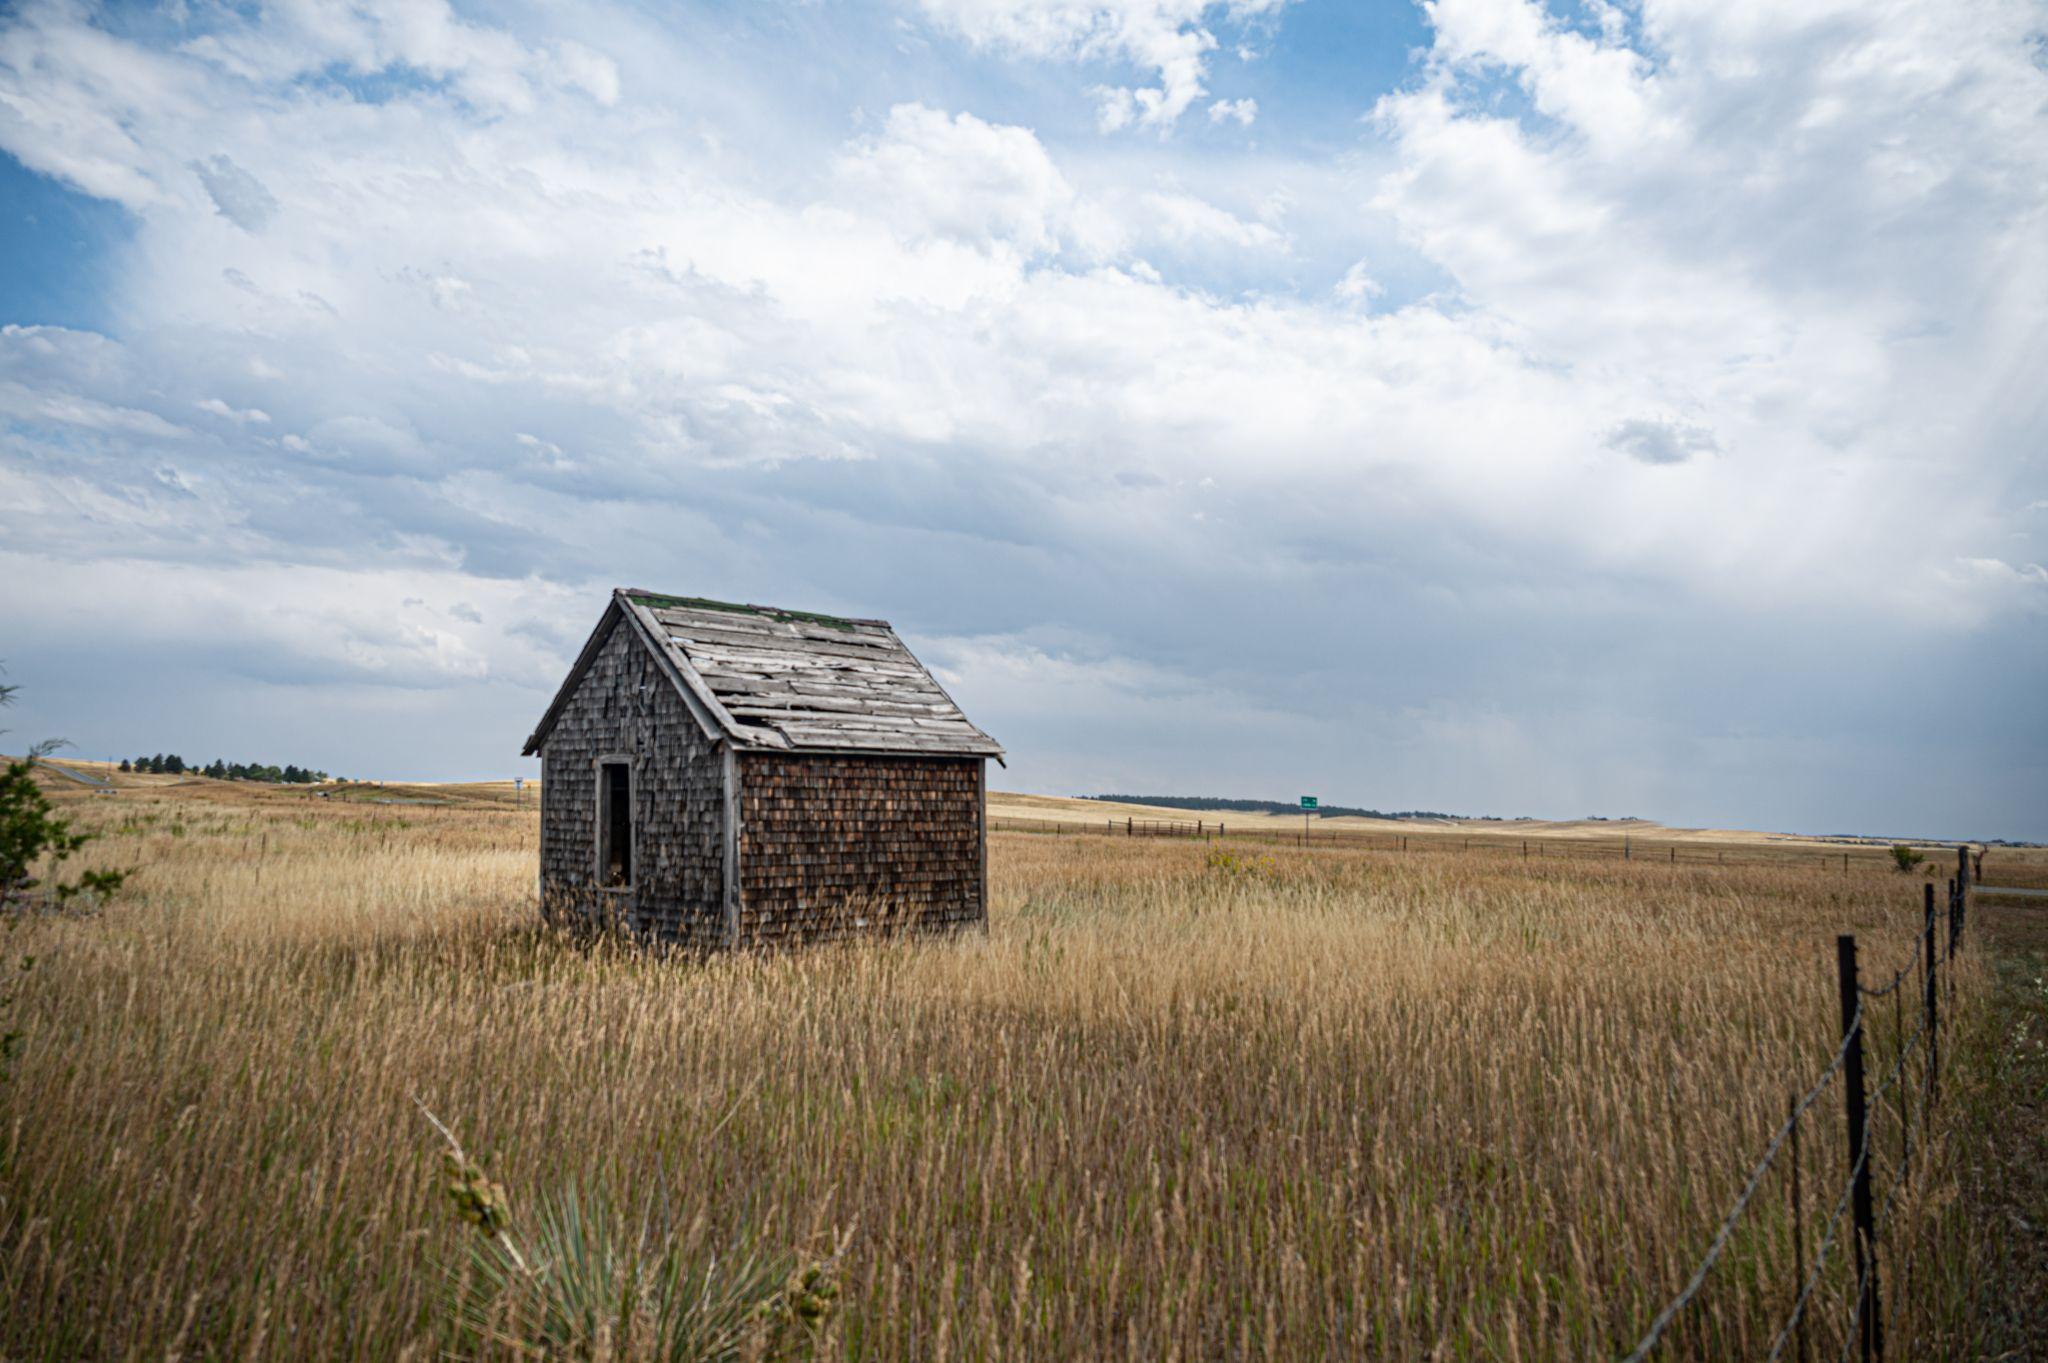 Prairie shack, USA